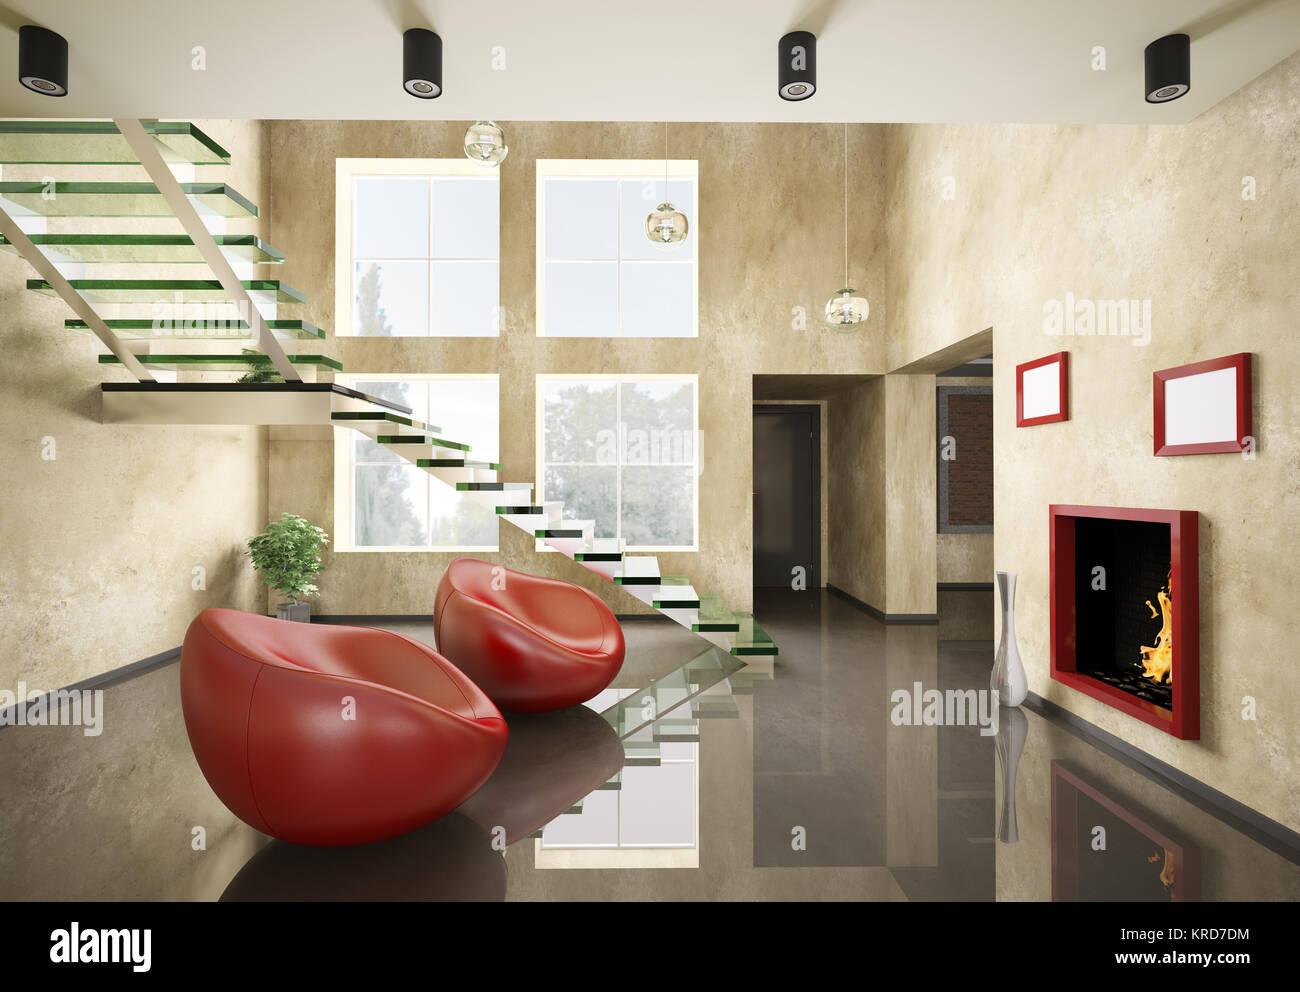 Modernes Interieur mit Glas Treppe und Kamin 3d render Stockfoto ...